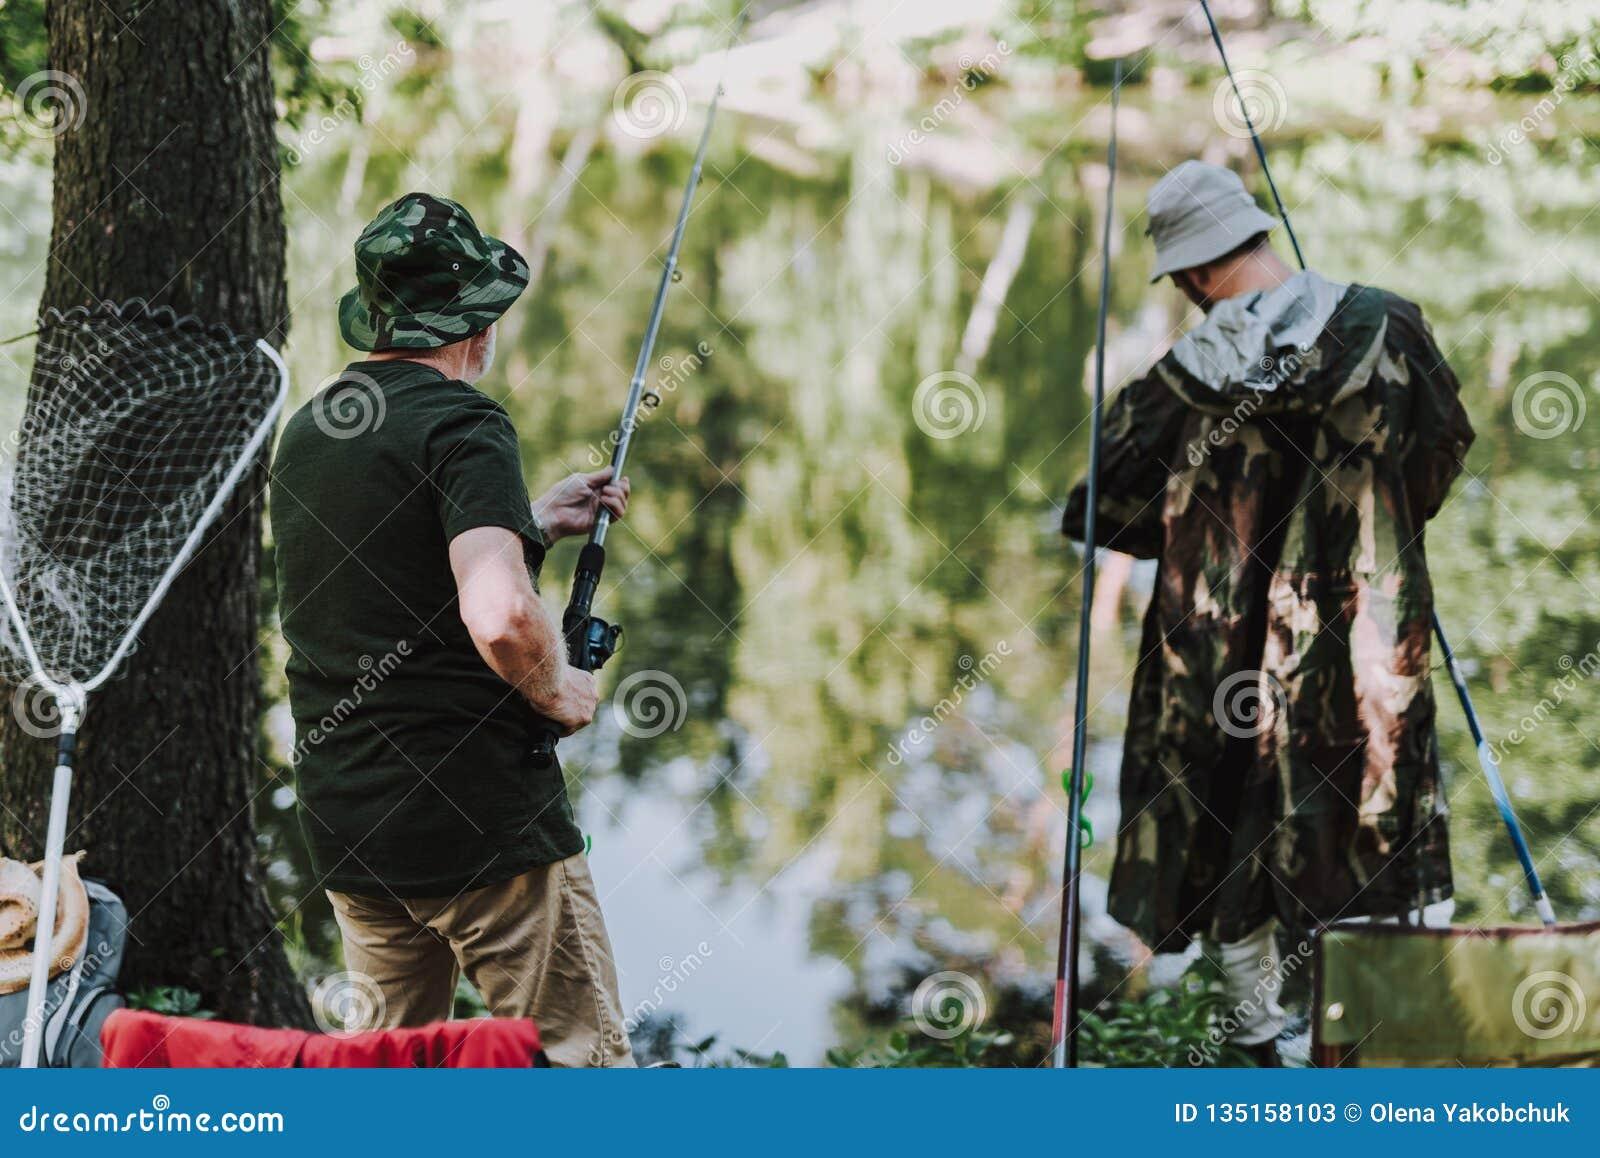 Hintere Ansicht von den Männern, die auf der Flussbank fischen